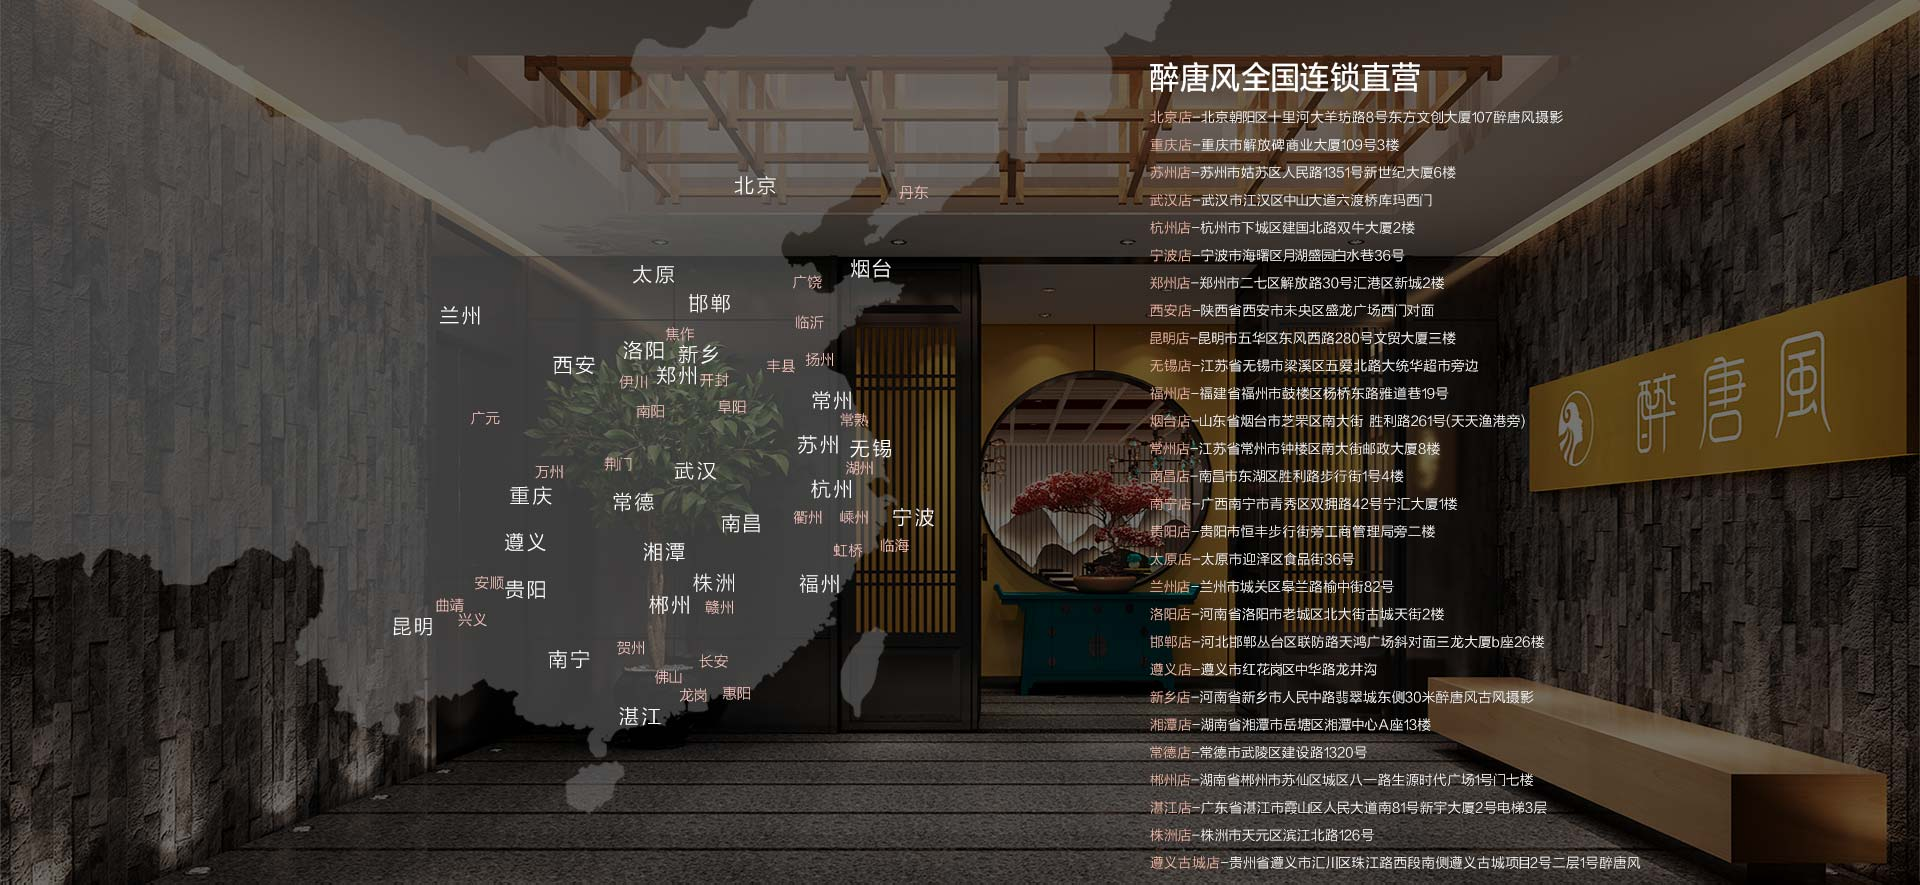 醉唐风全国连锁直营地图